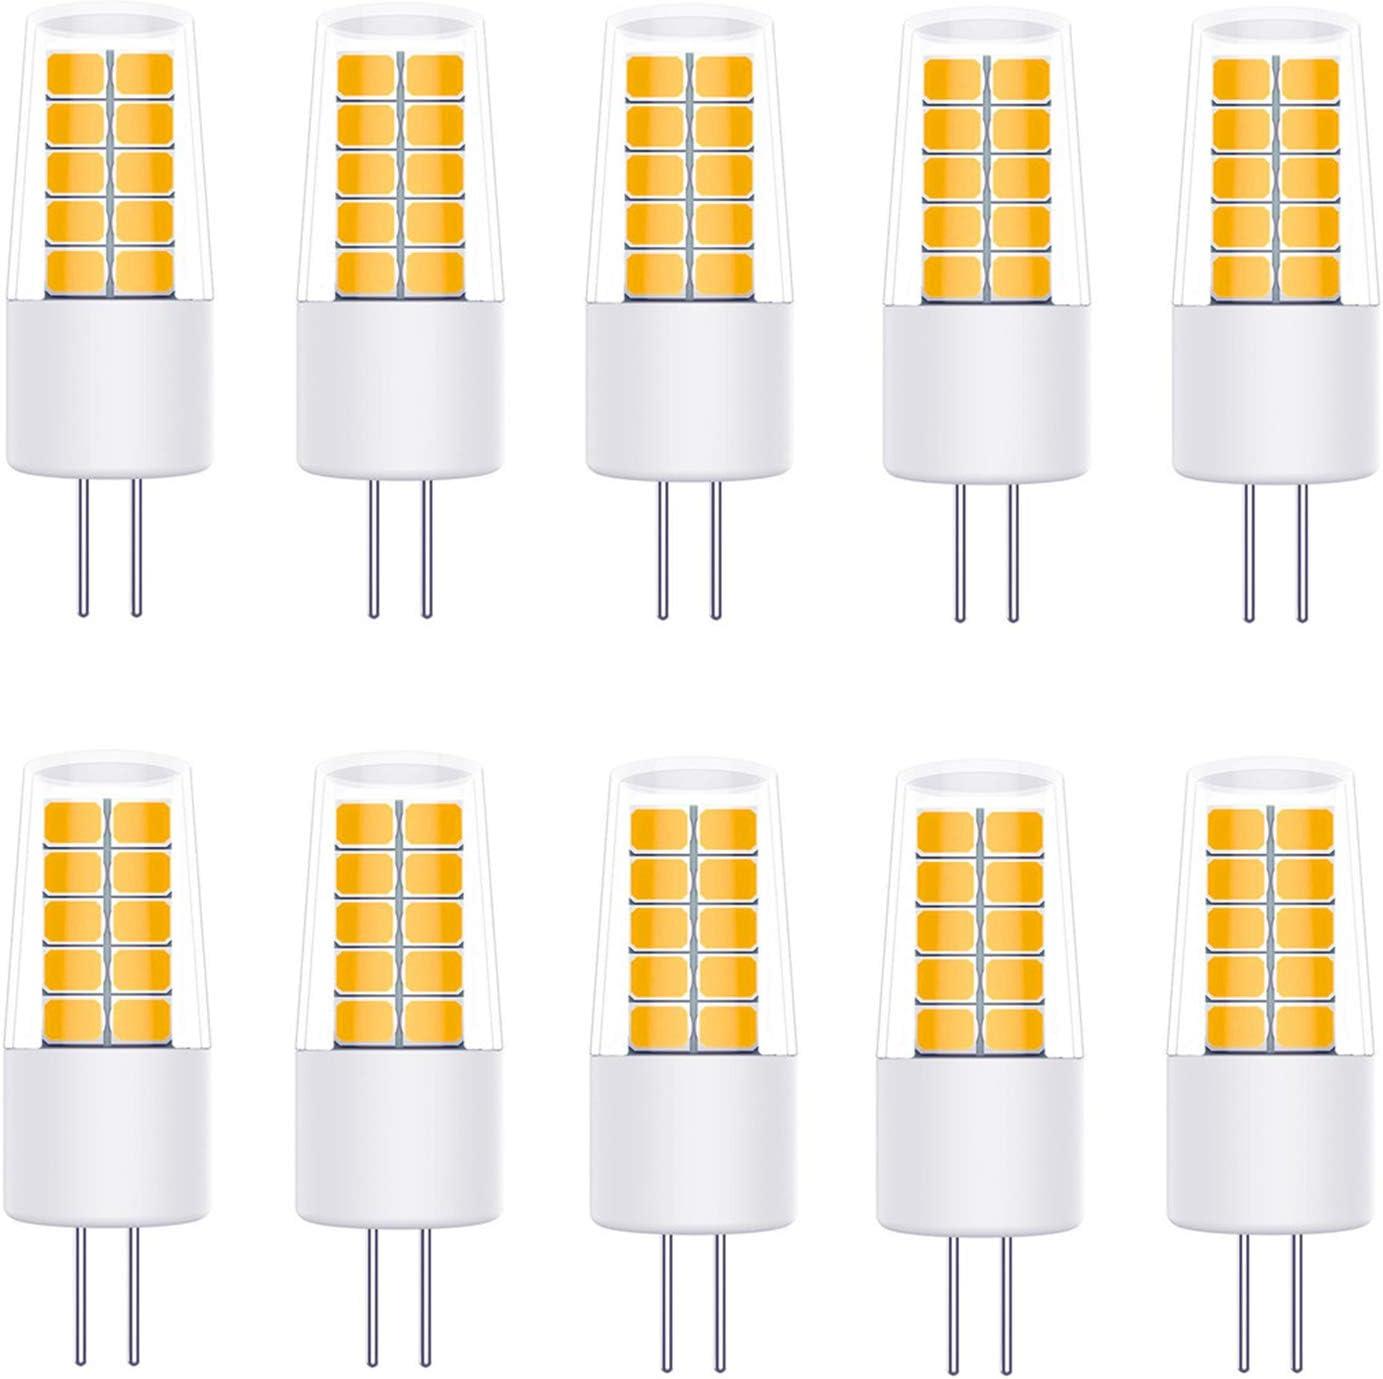 YWX Bombillas LED G4 3W Equivalente a 20W 30W Bombillas Halógenas Incandescente,Blanco Cálido 3000K 270Lm,360 °ángulo de Haz,AC/DC 12V Pack de 10